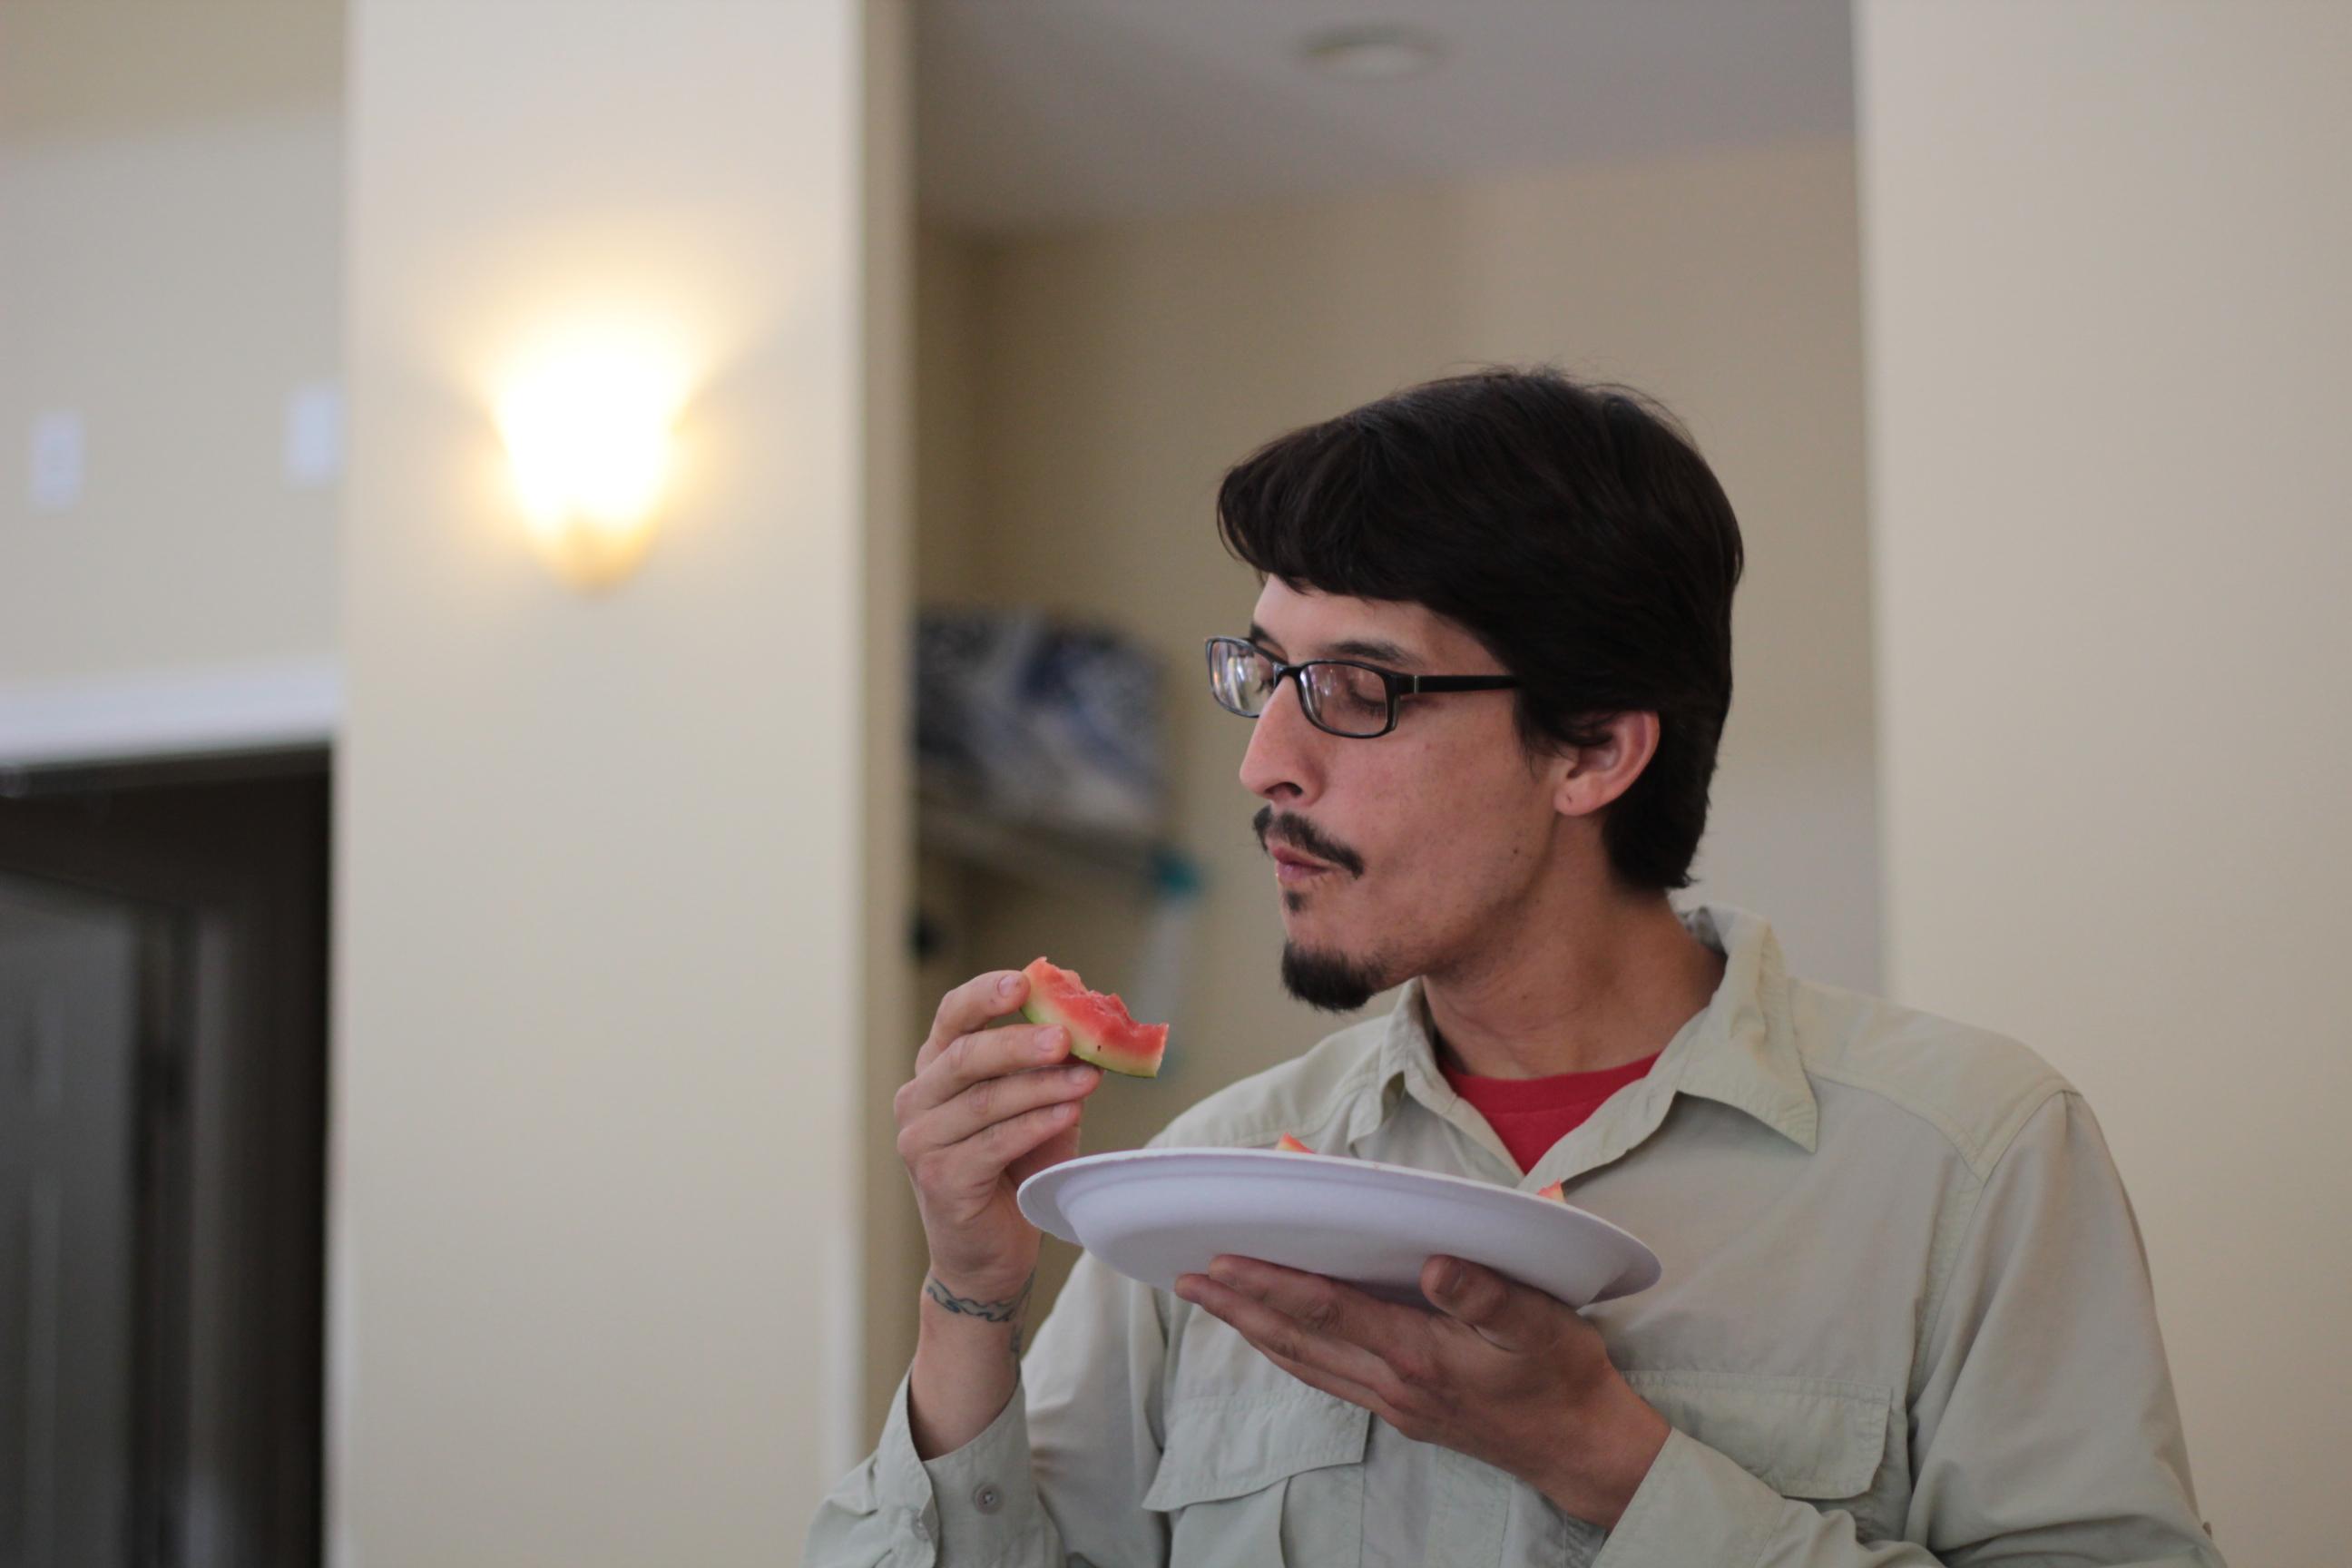 Daniel couldn't have enough watermelon left